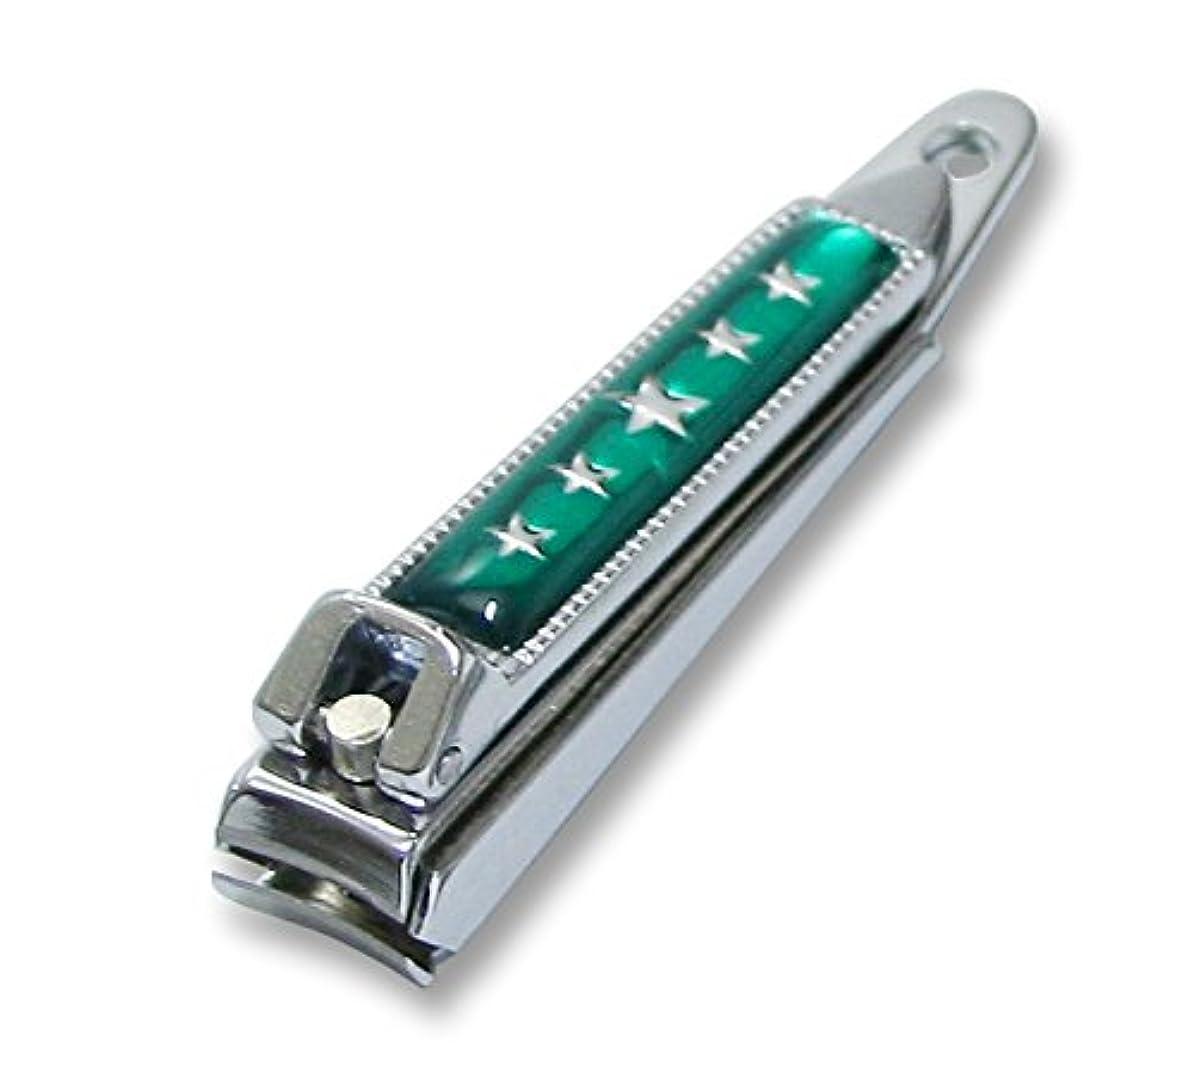 ようこそ質素な浮くKC-052GR 関の刃物 関兼常 チラーヌ爪切 小 緑